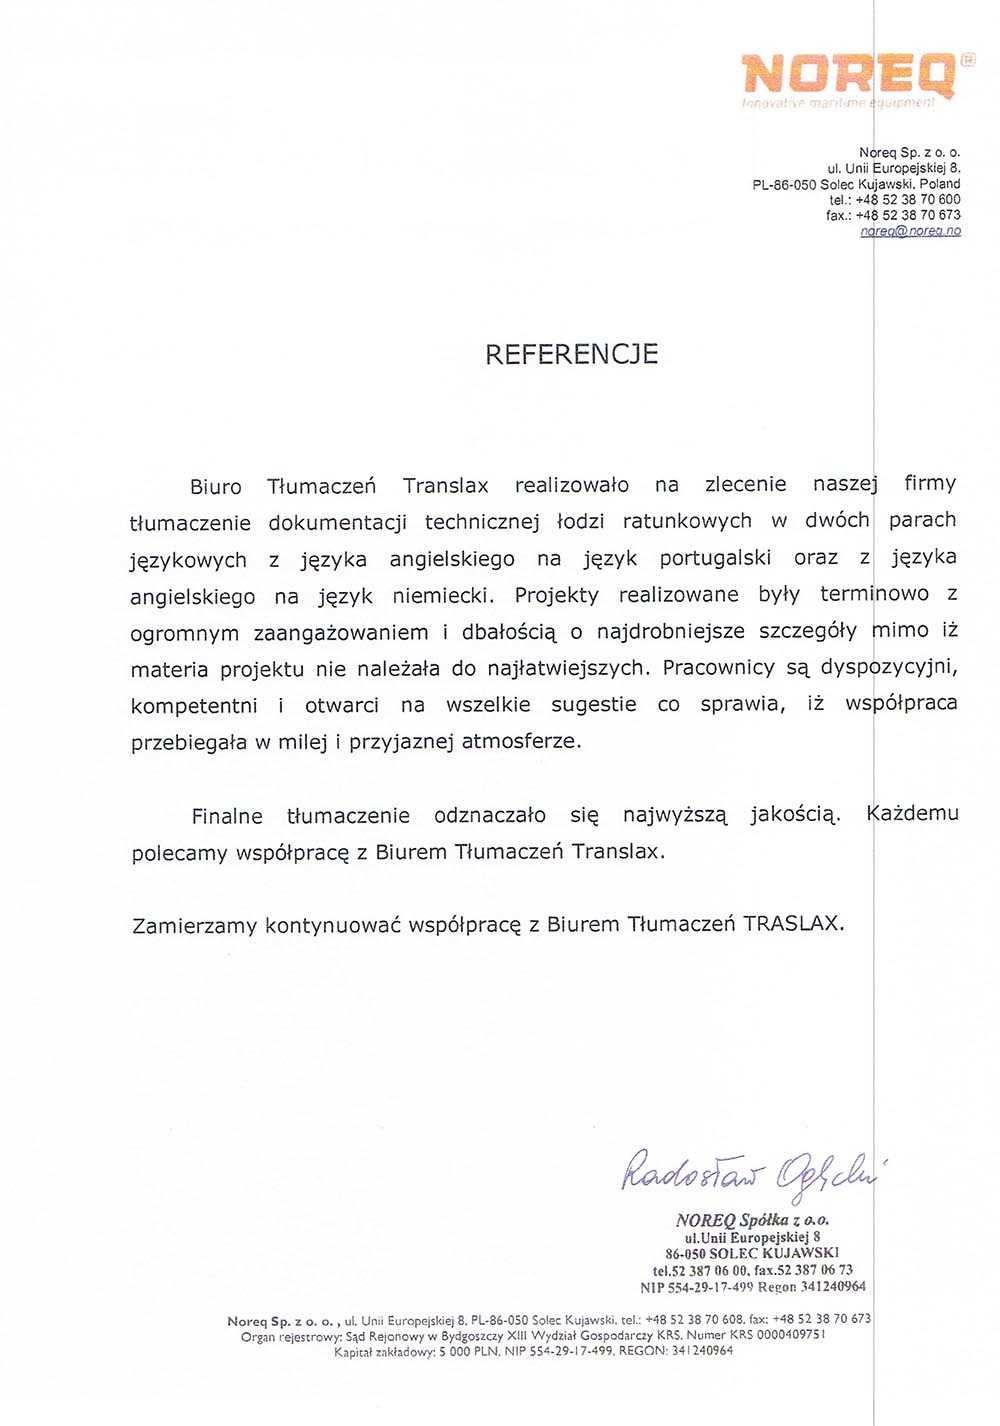 CCF20130605 0001 5 - Referencje